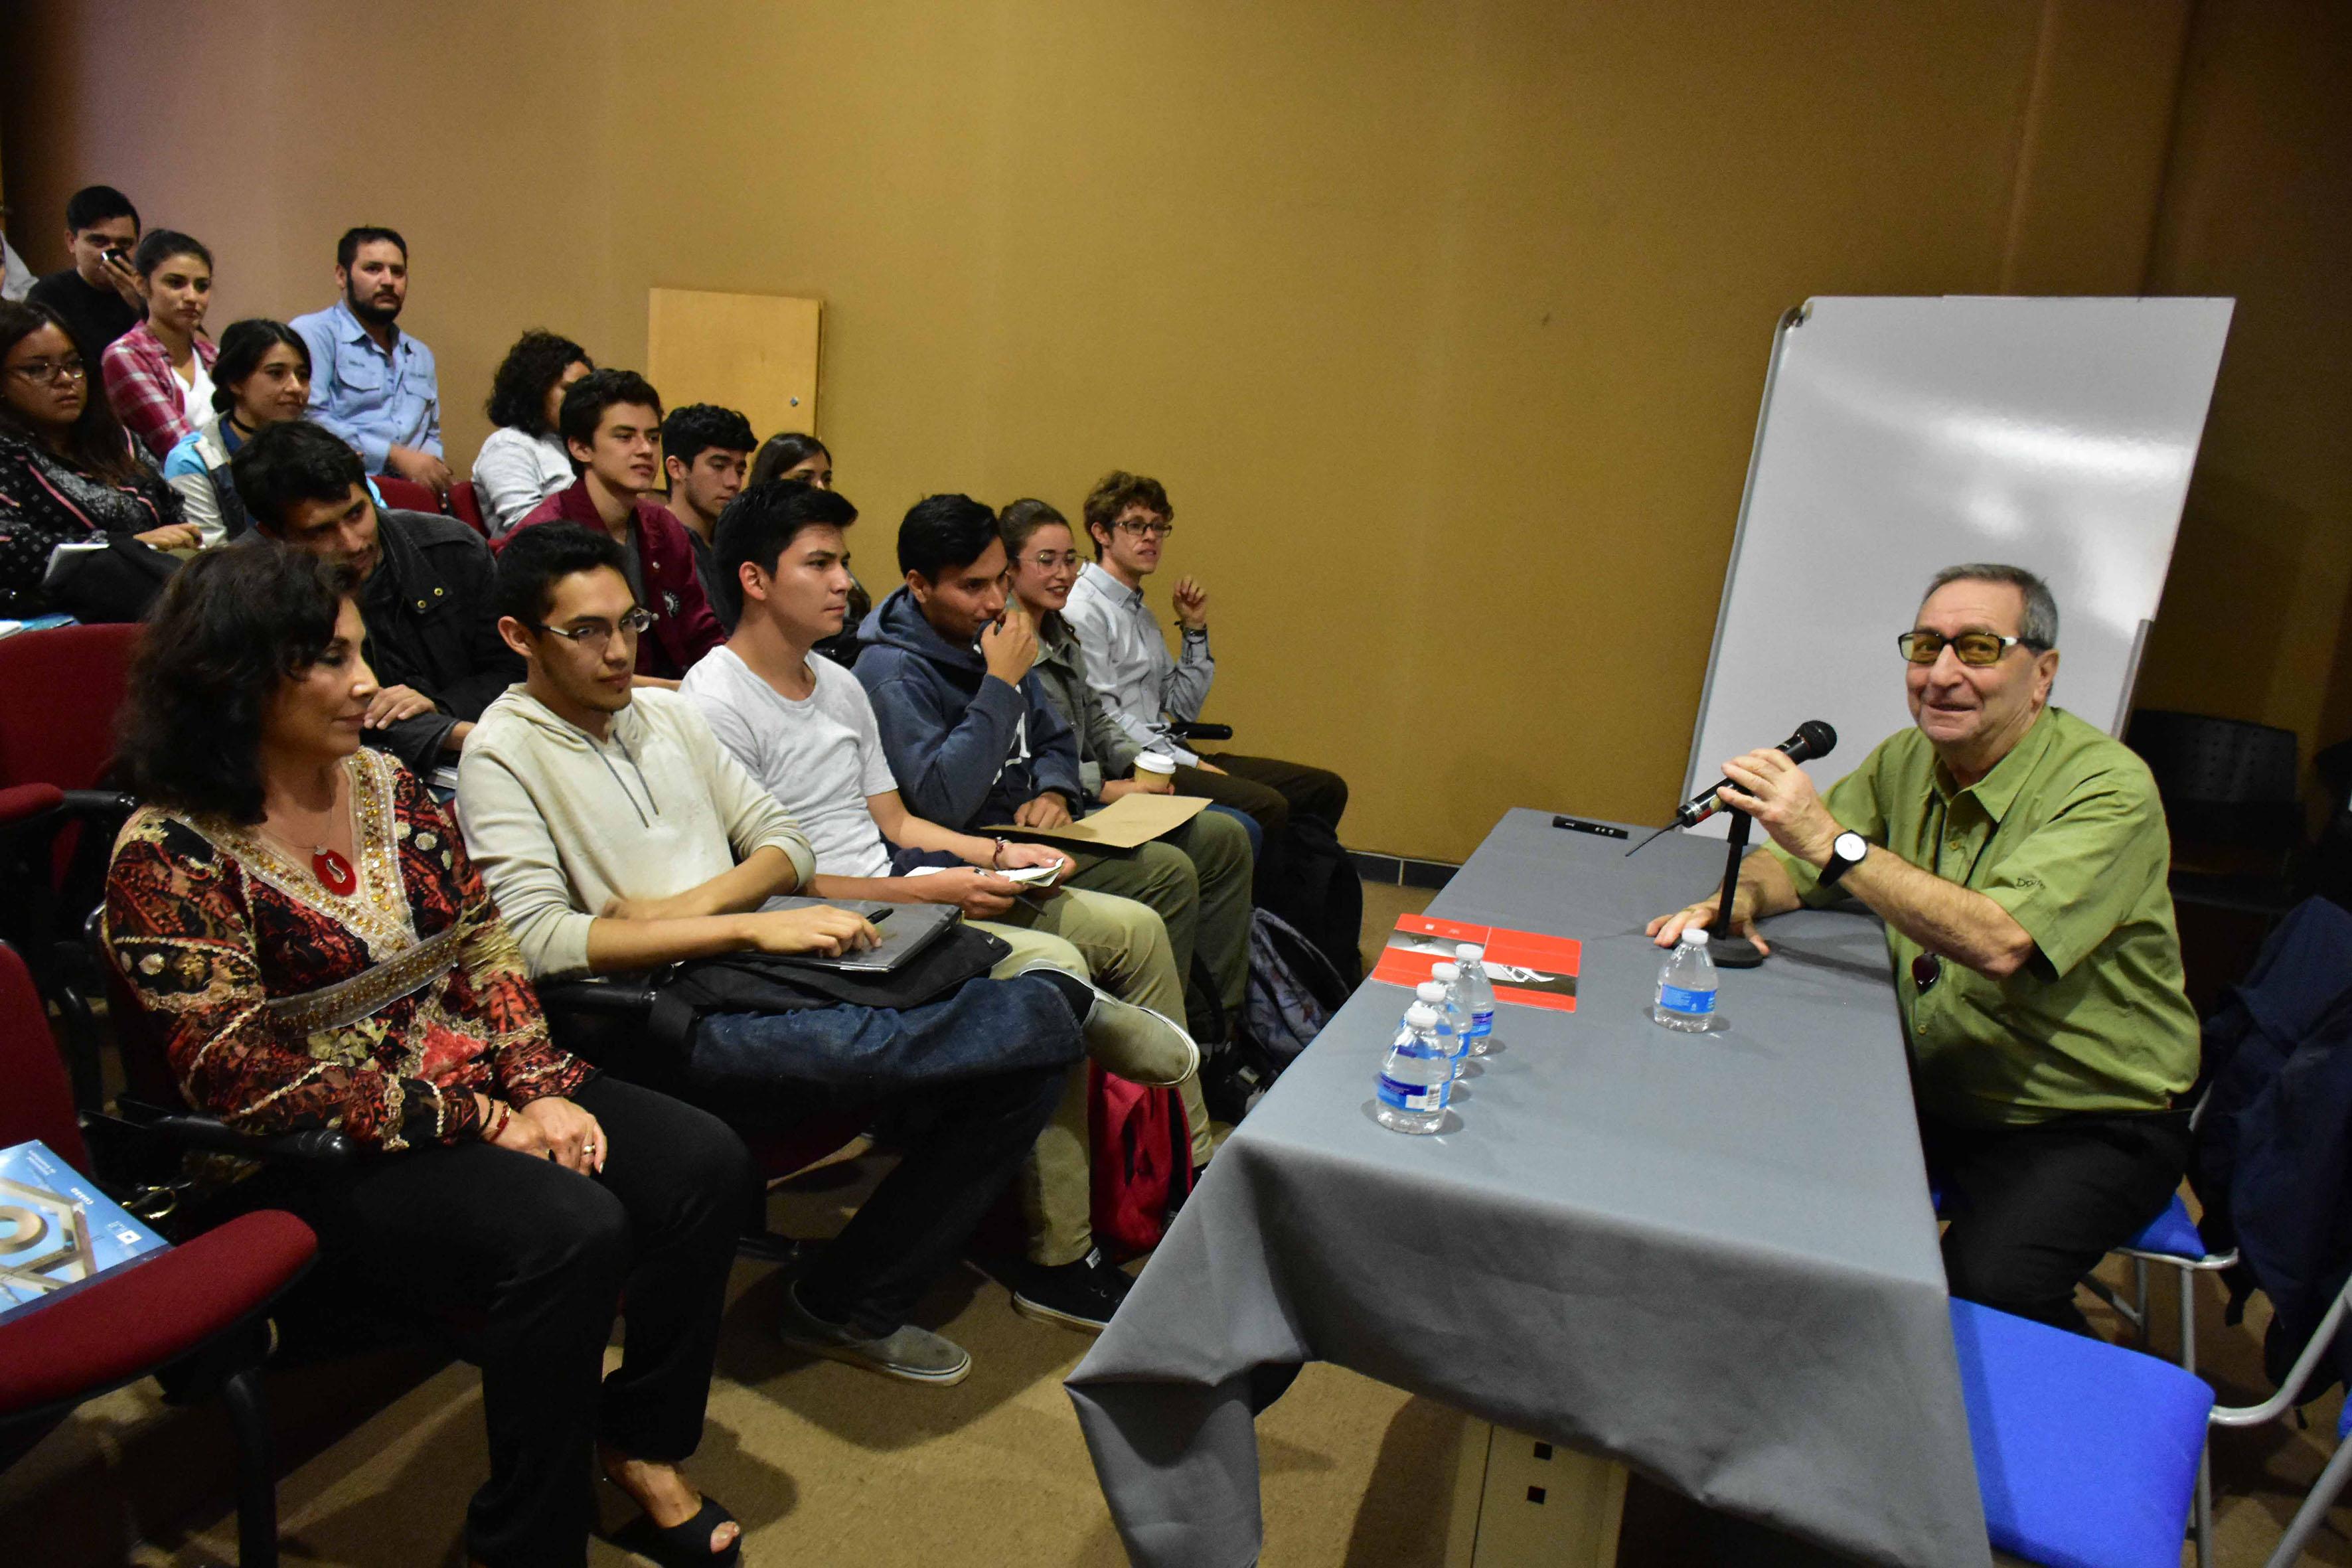 Asistentes y presidium de las charlas organizadas por el Departamento de Producción y Desarrollo y la Maestría en Ergonomía del CUAAD